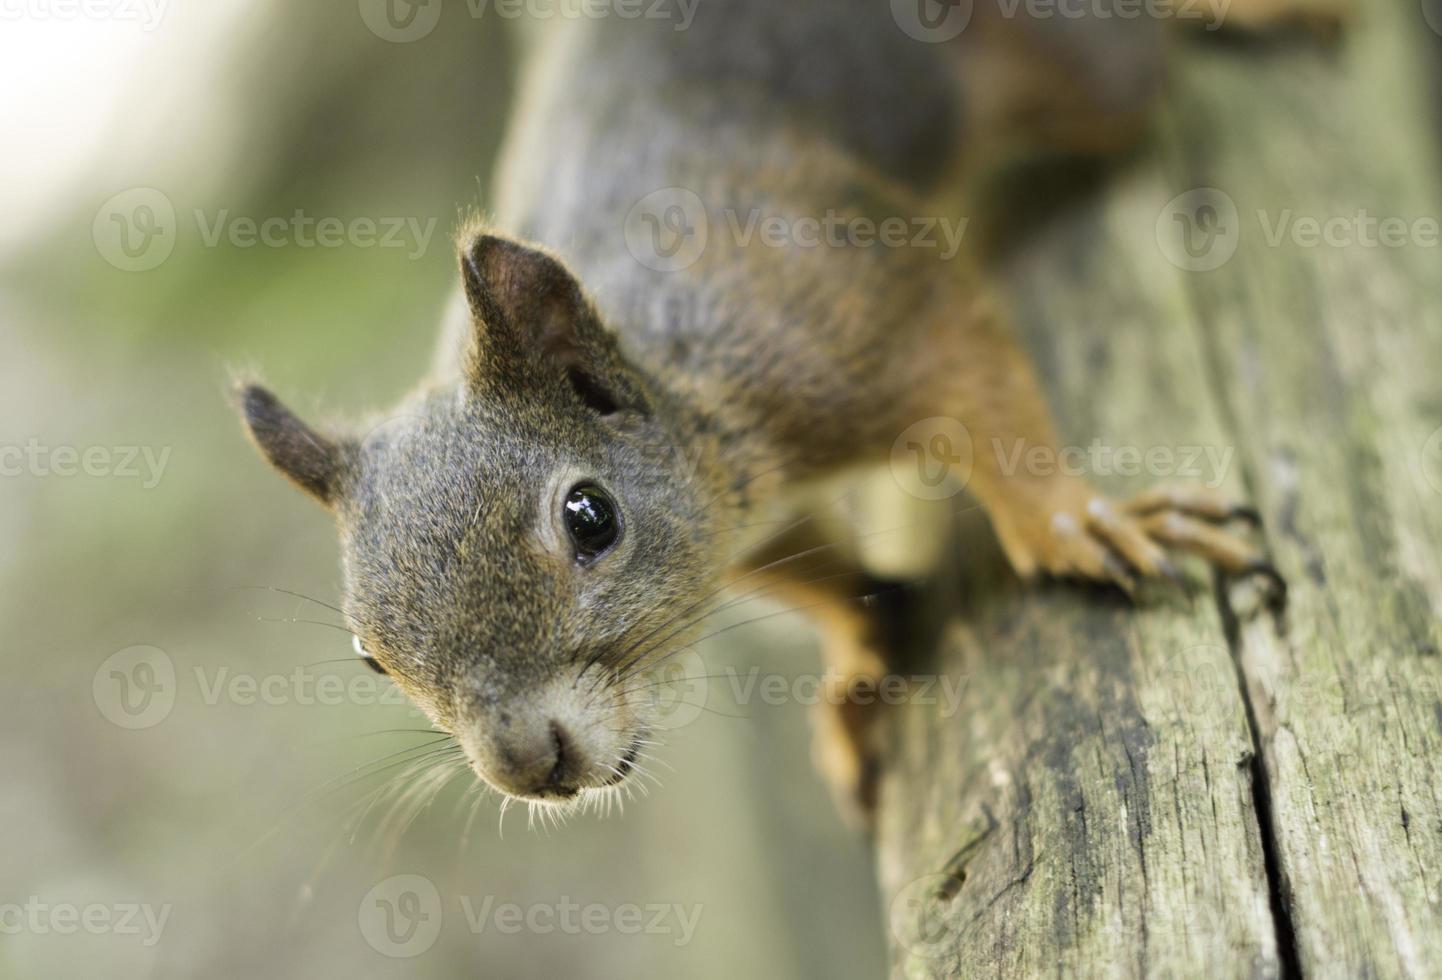 esquilo em um trilho, olhando para a câmera foto